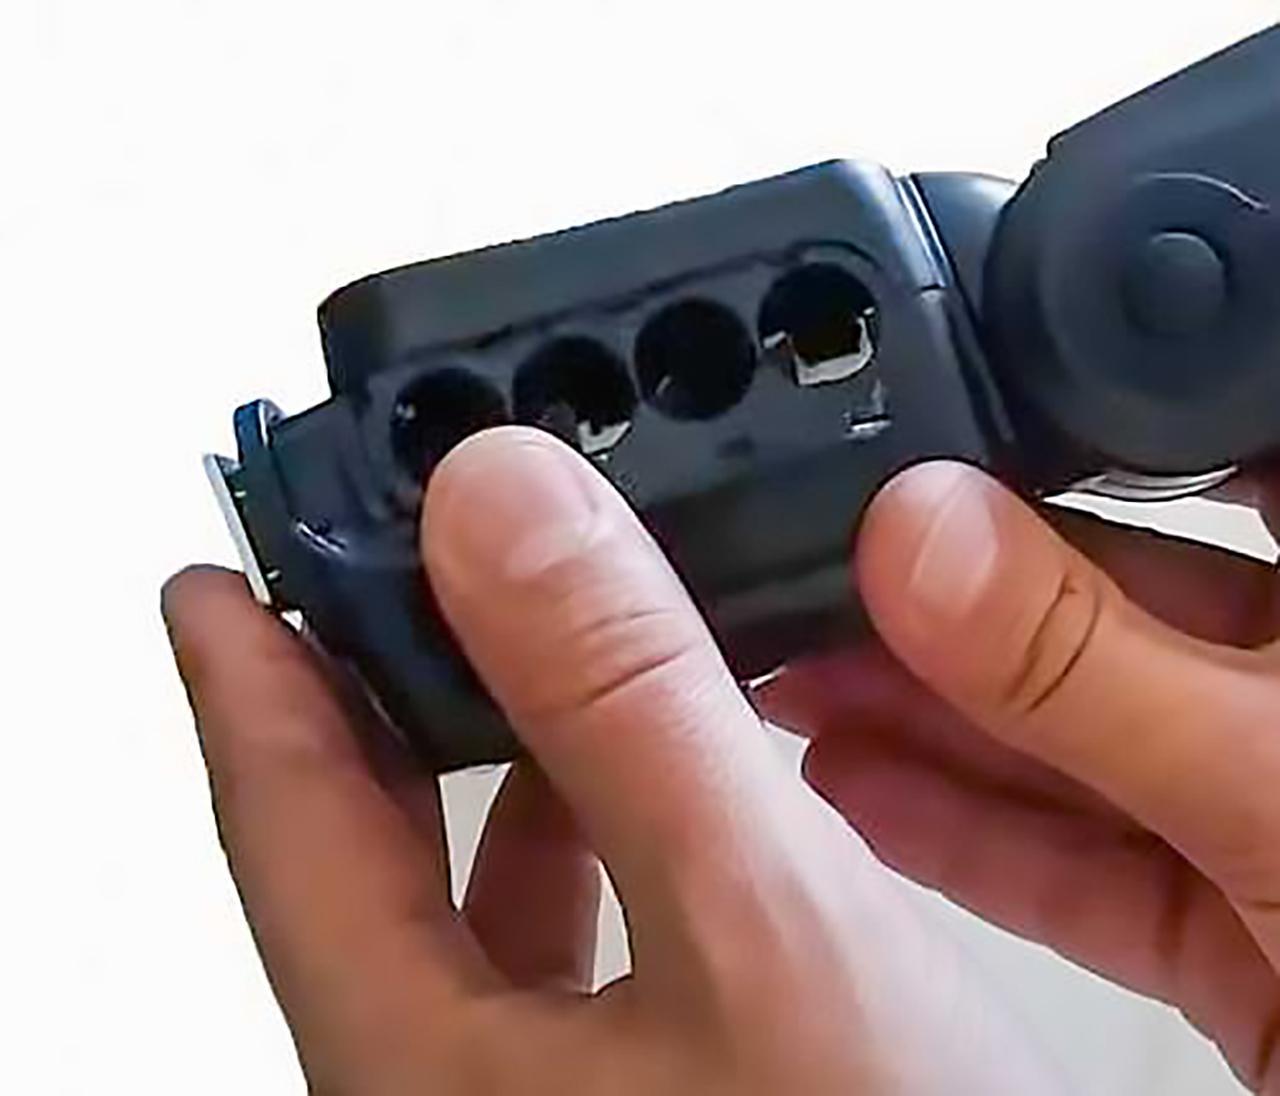 Neewer 565 EX battery